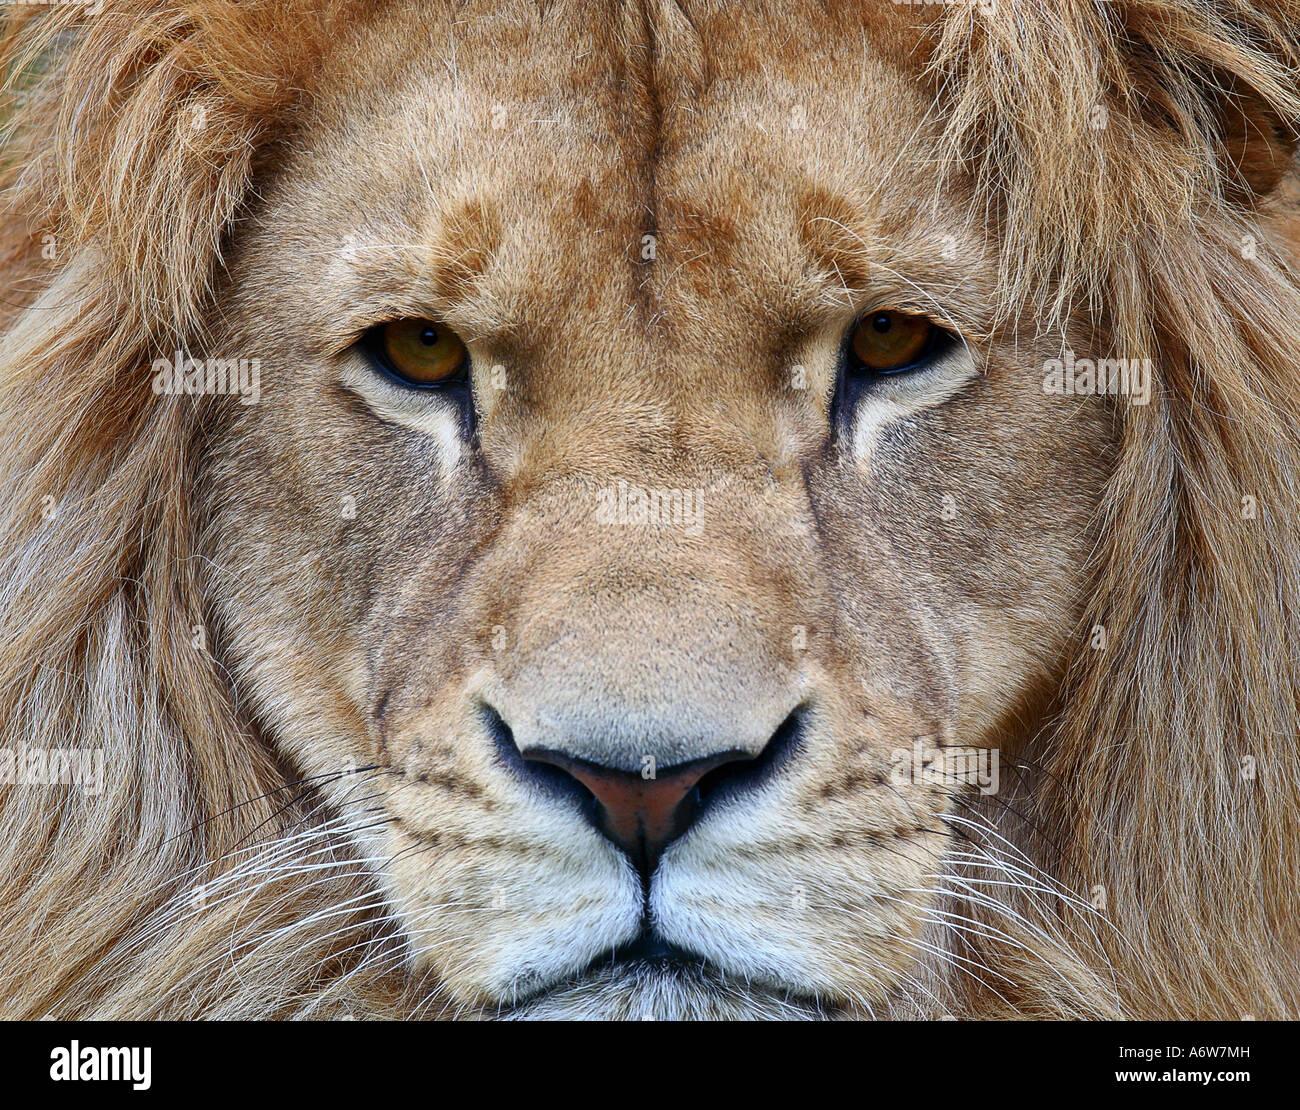 Portrait of a lion - Stock Image